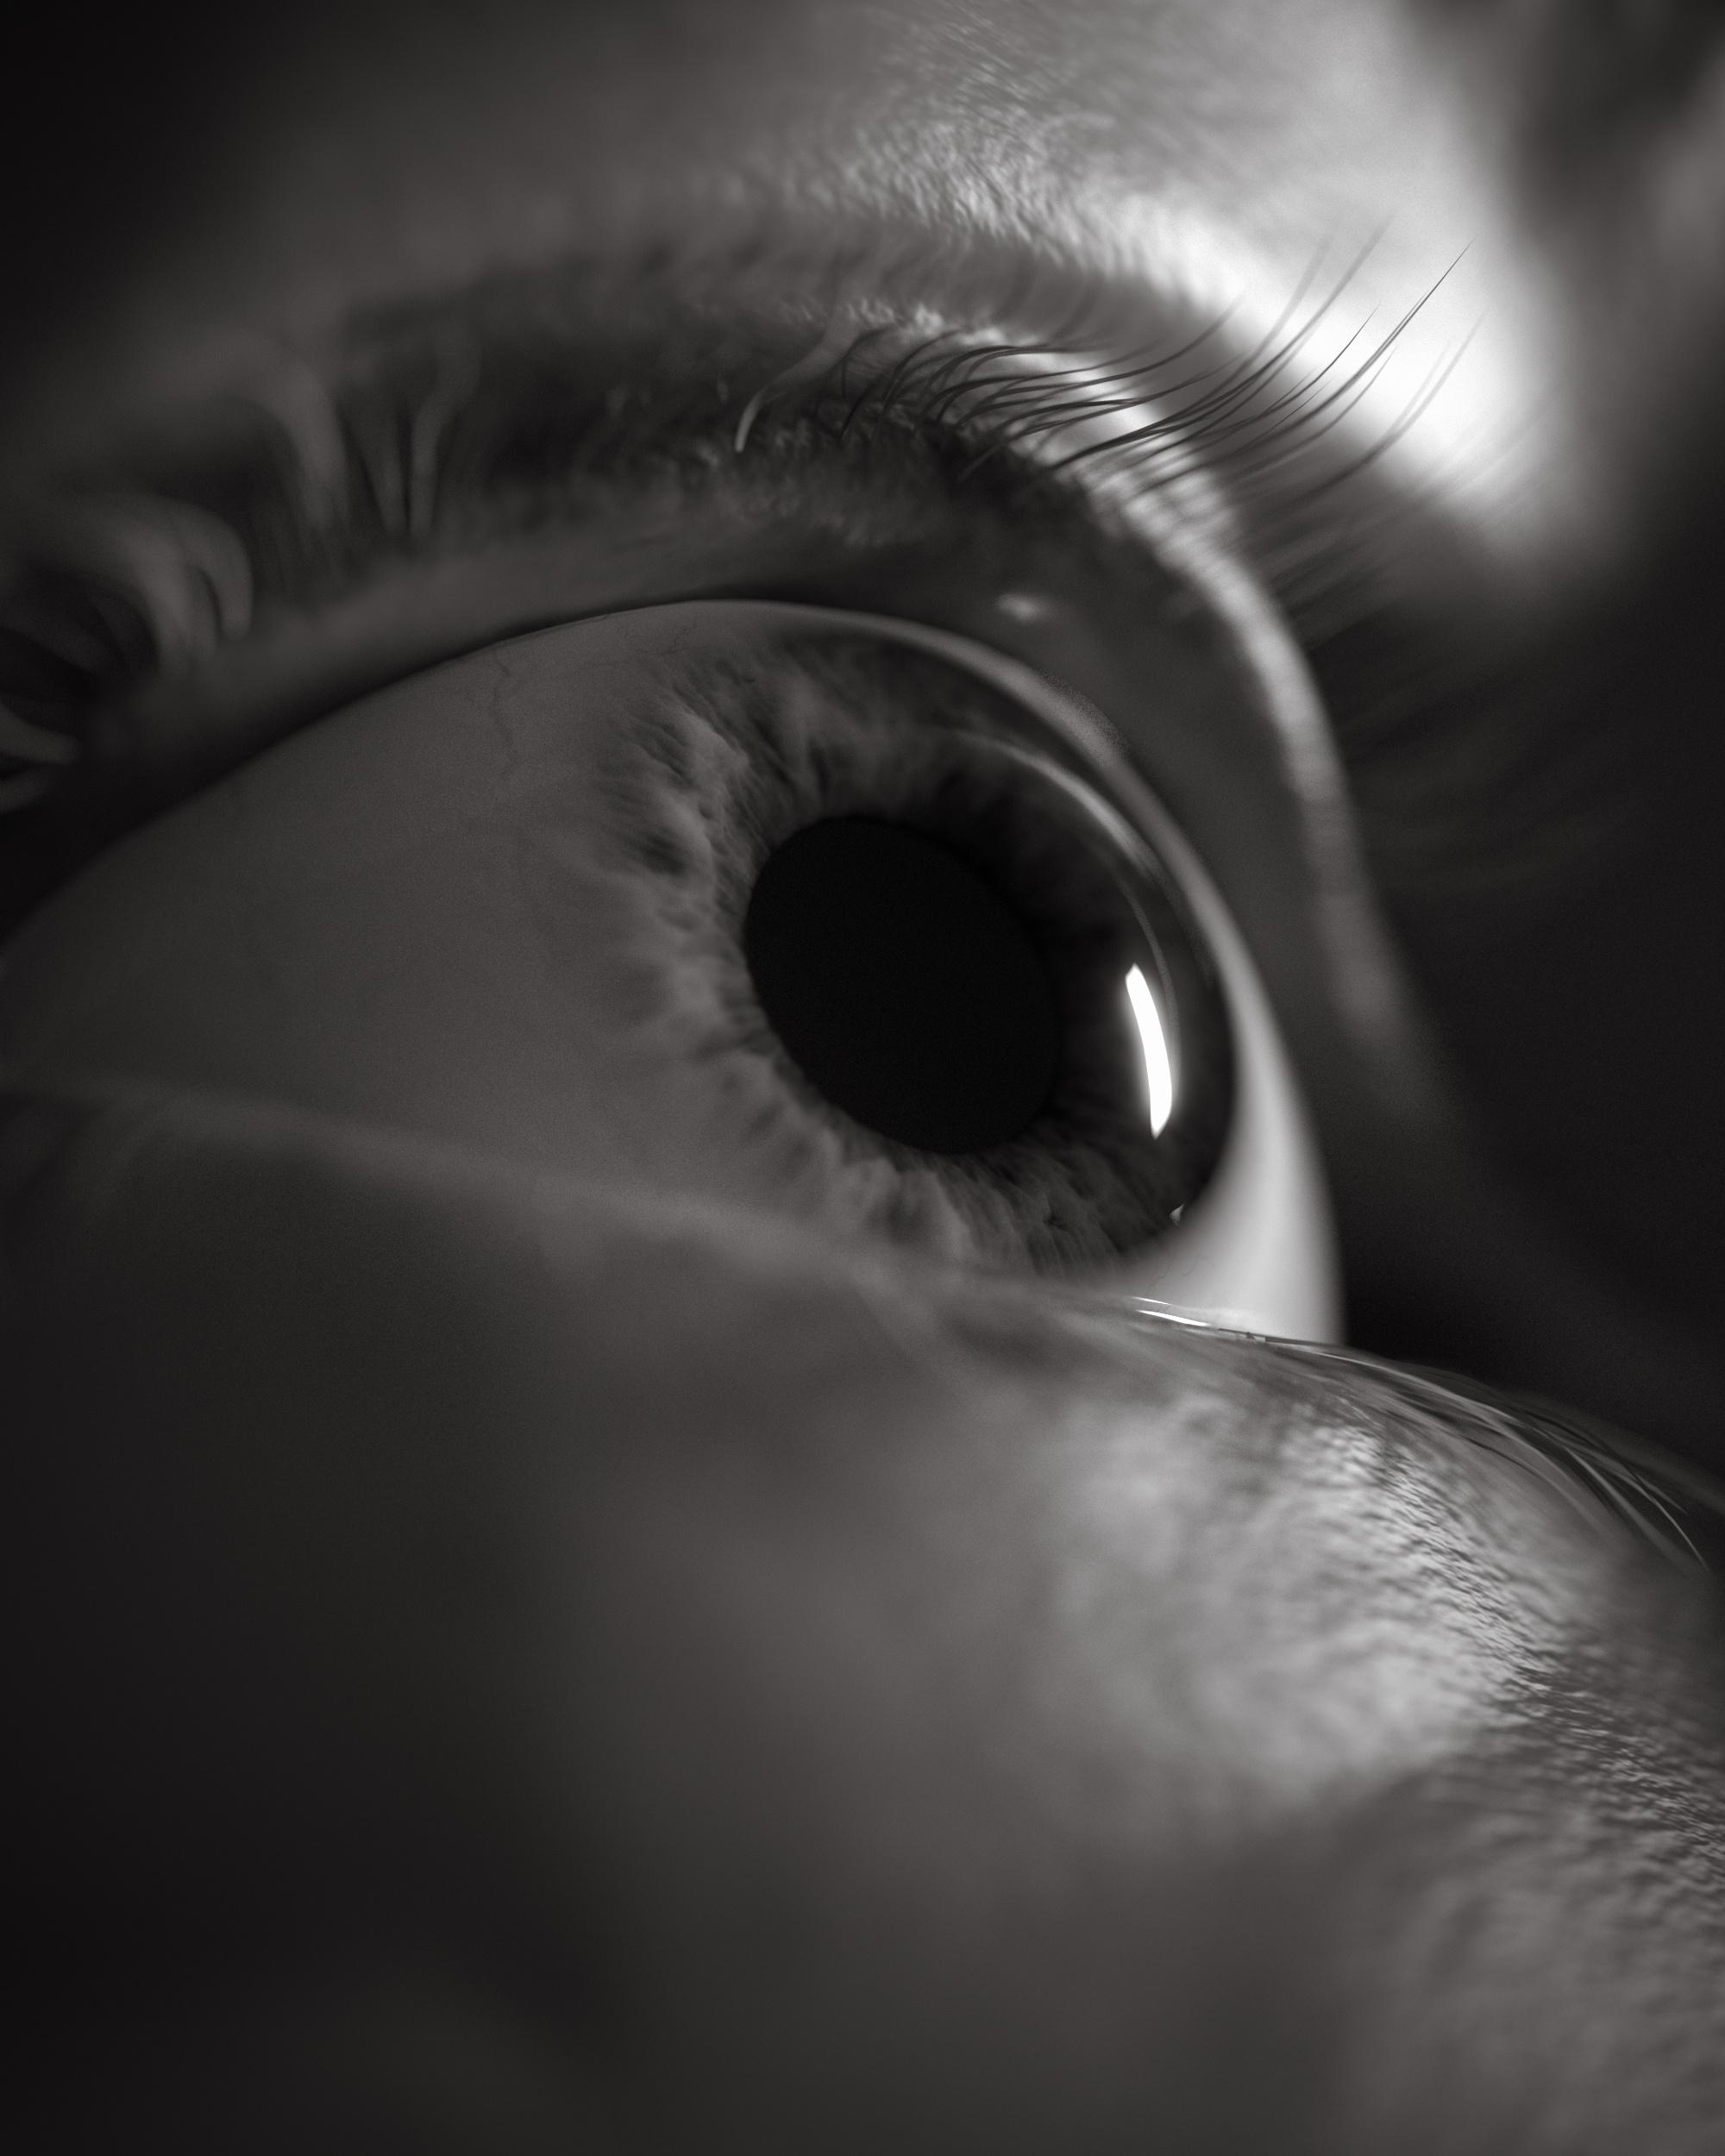 face_eye_v002_comp